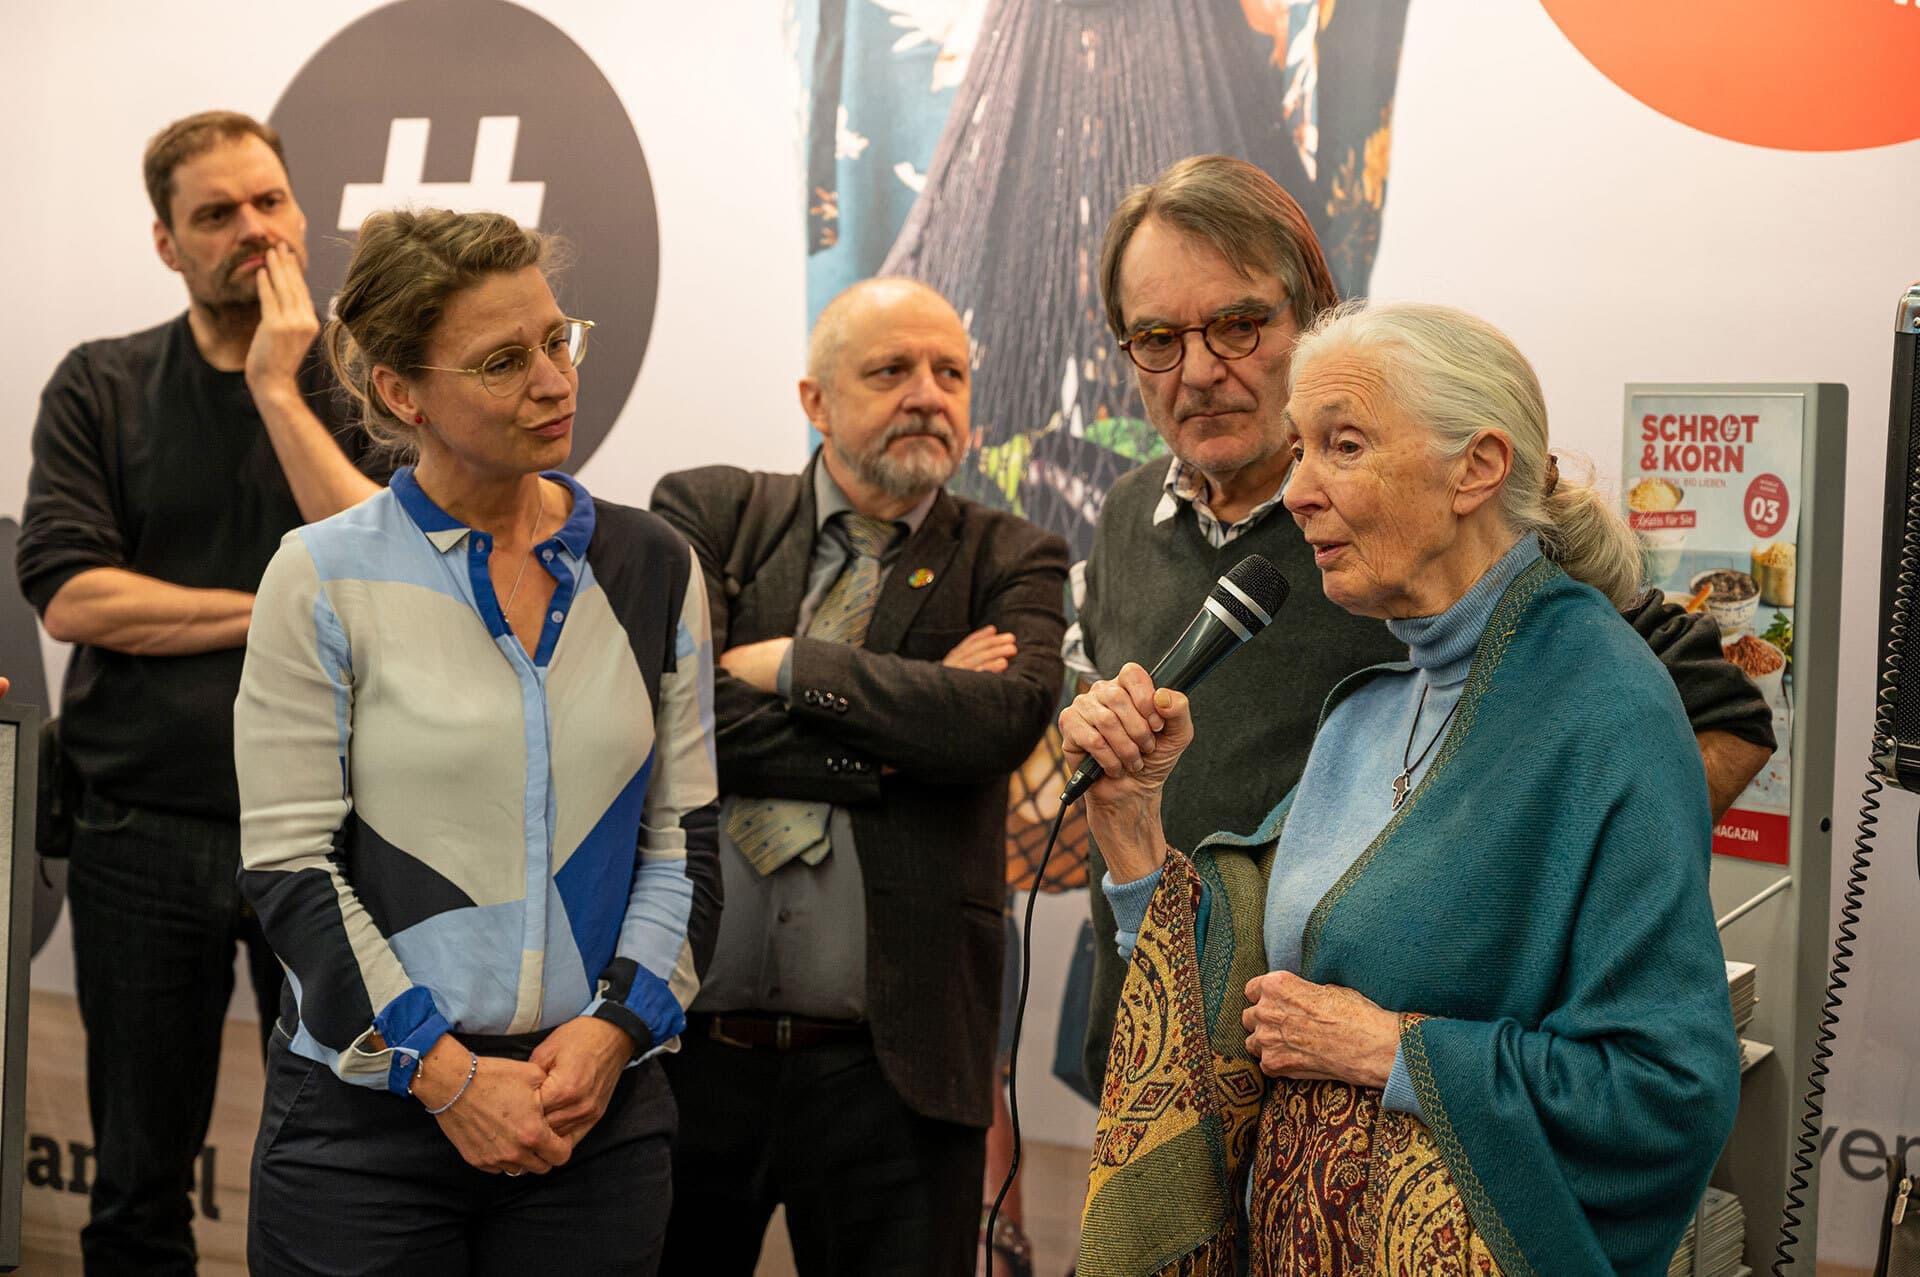 Jane Goodall würdigt das Bio-Magazin Schrot&Korn für sein Engagement für Bio-Lebensmittel und die Umwelt.